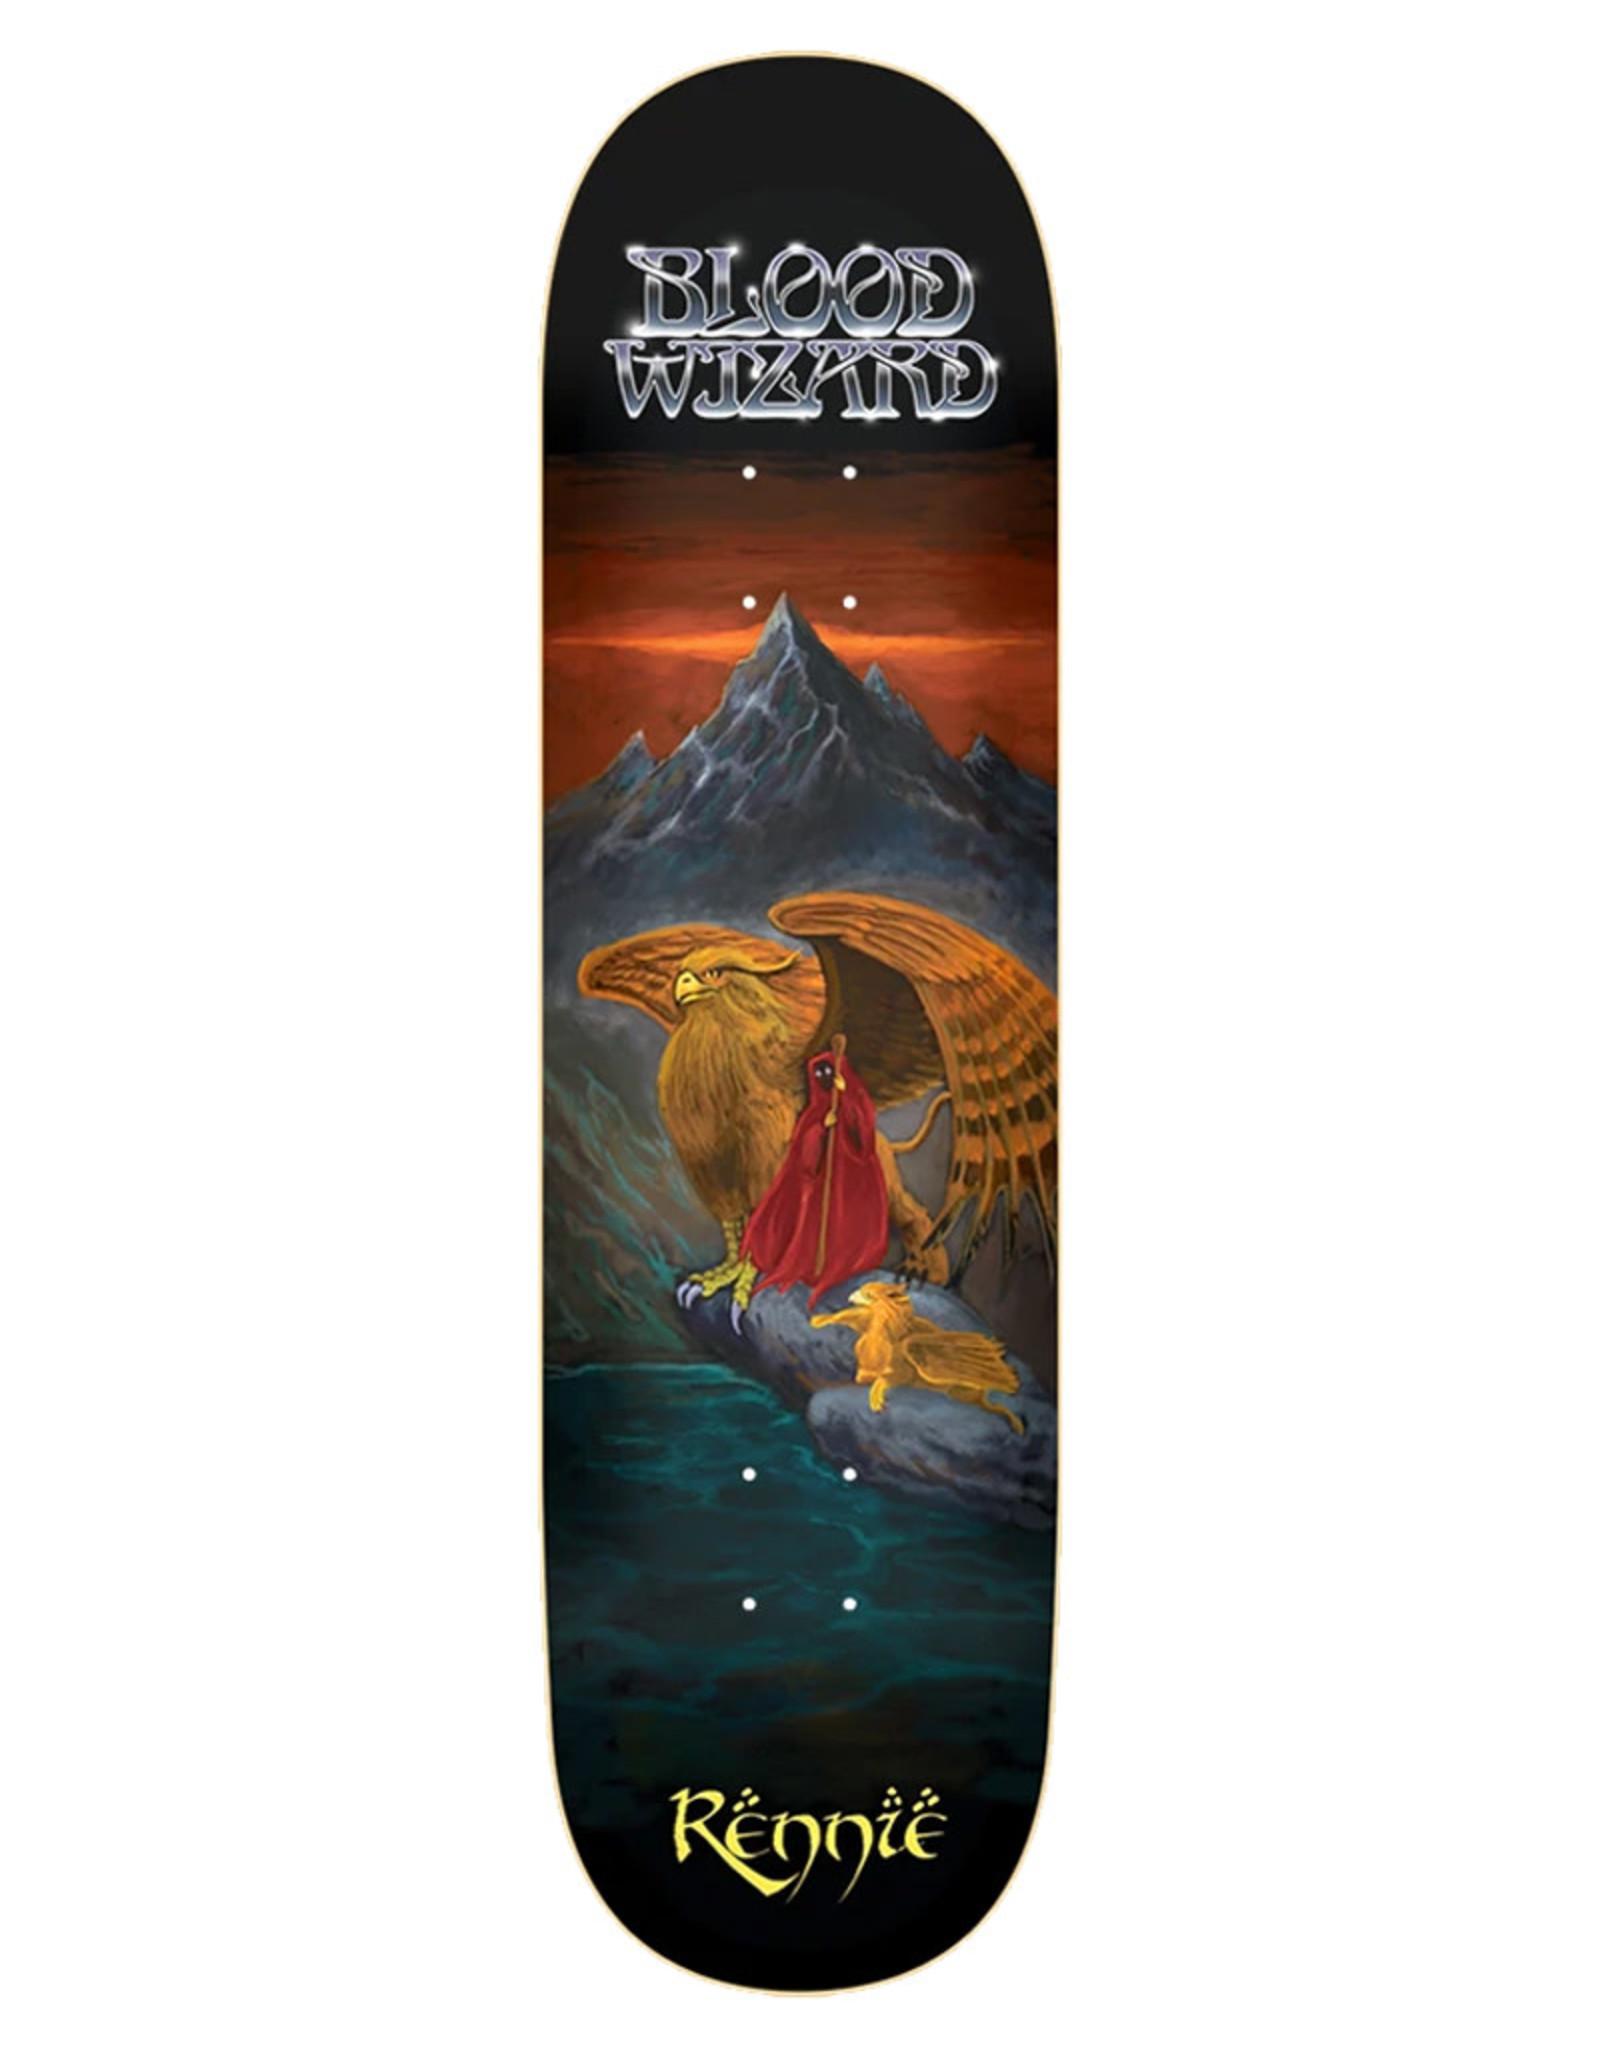 Blood Wizard Blood Wizard Deck Rennie Gryphon Warrior (8.375)